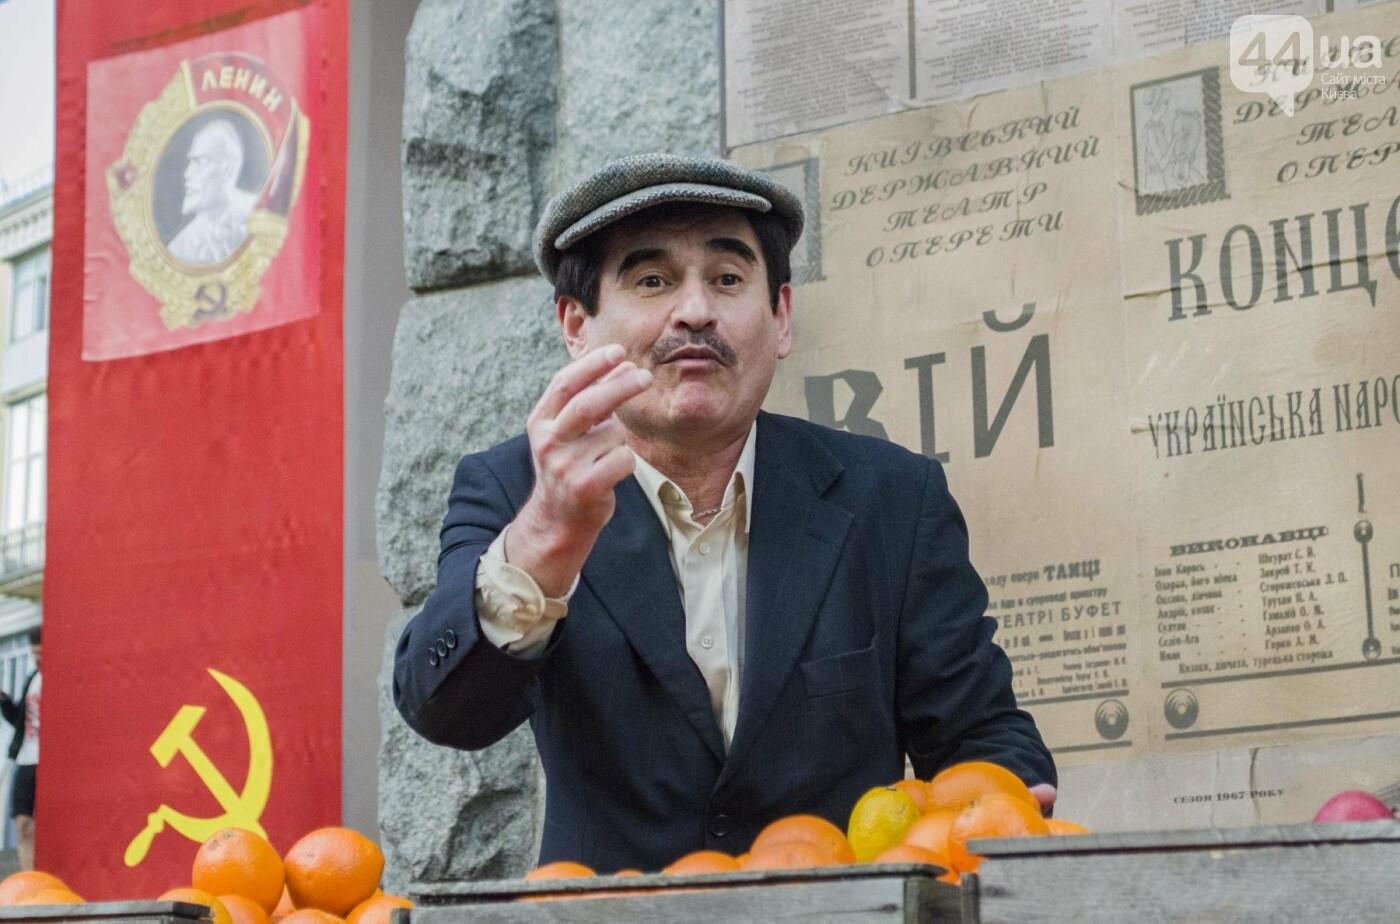 В Киеве снимают фильм об известном украинце: эксклюзивные закулисные фото, фото-7